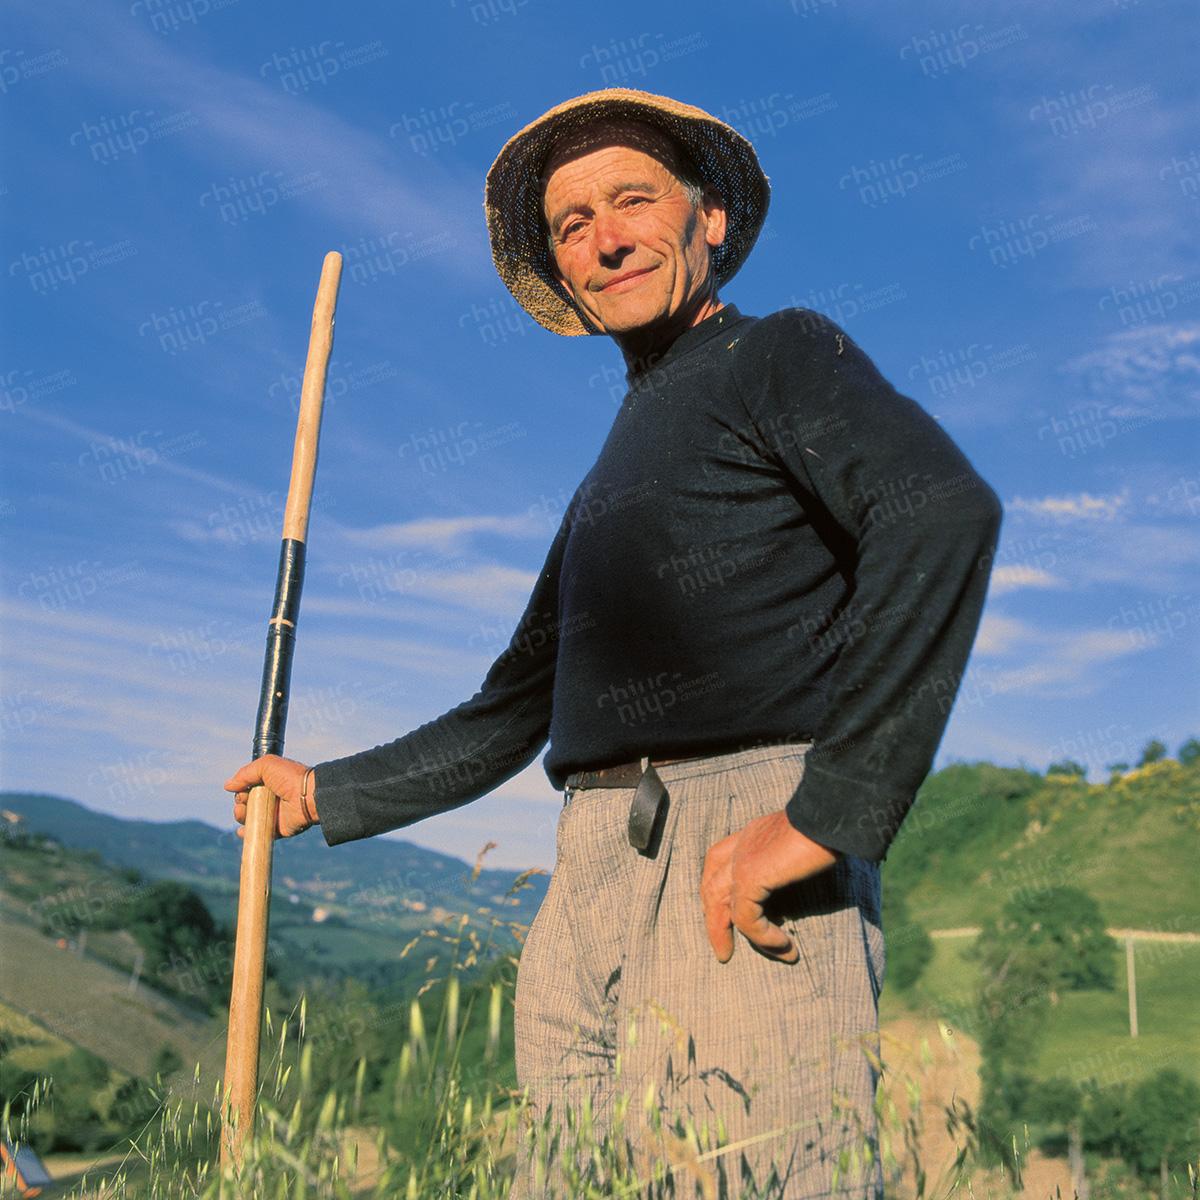 Italy - Pesaro Urbino Countryside Farmer